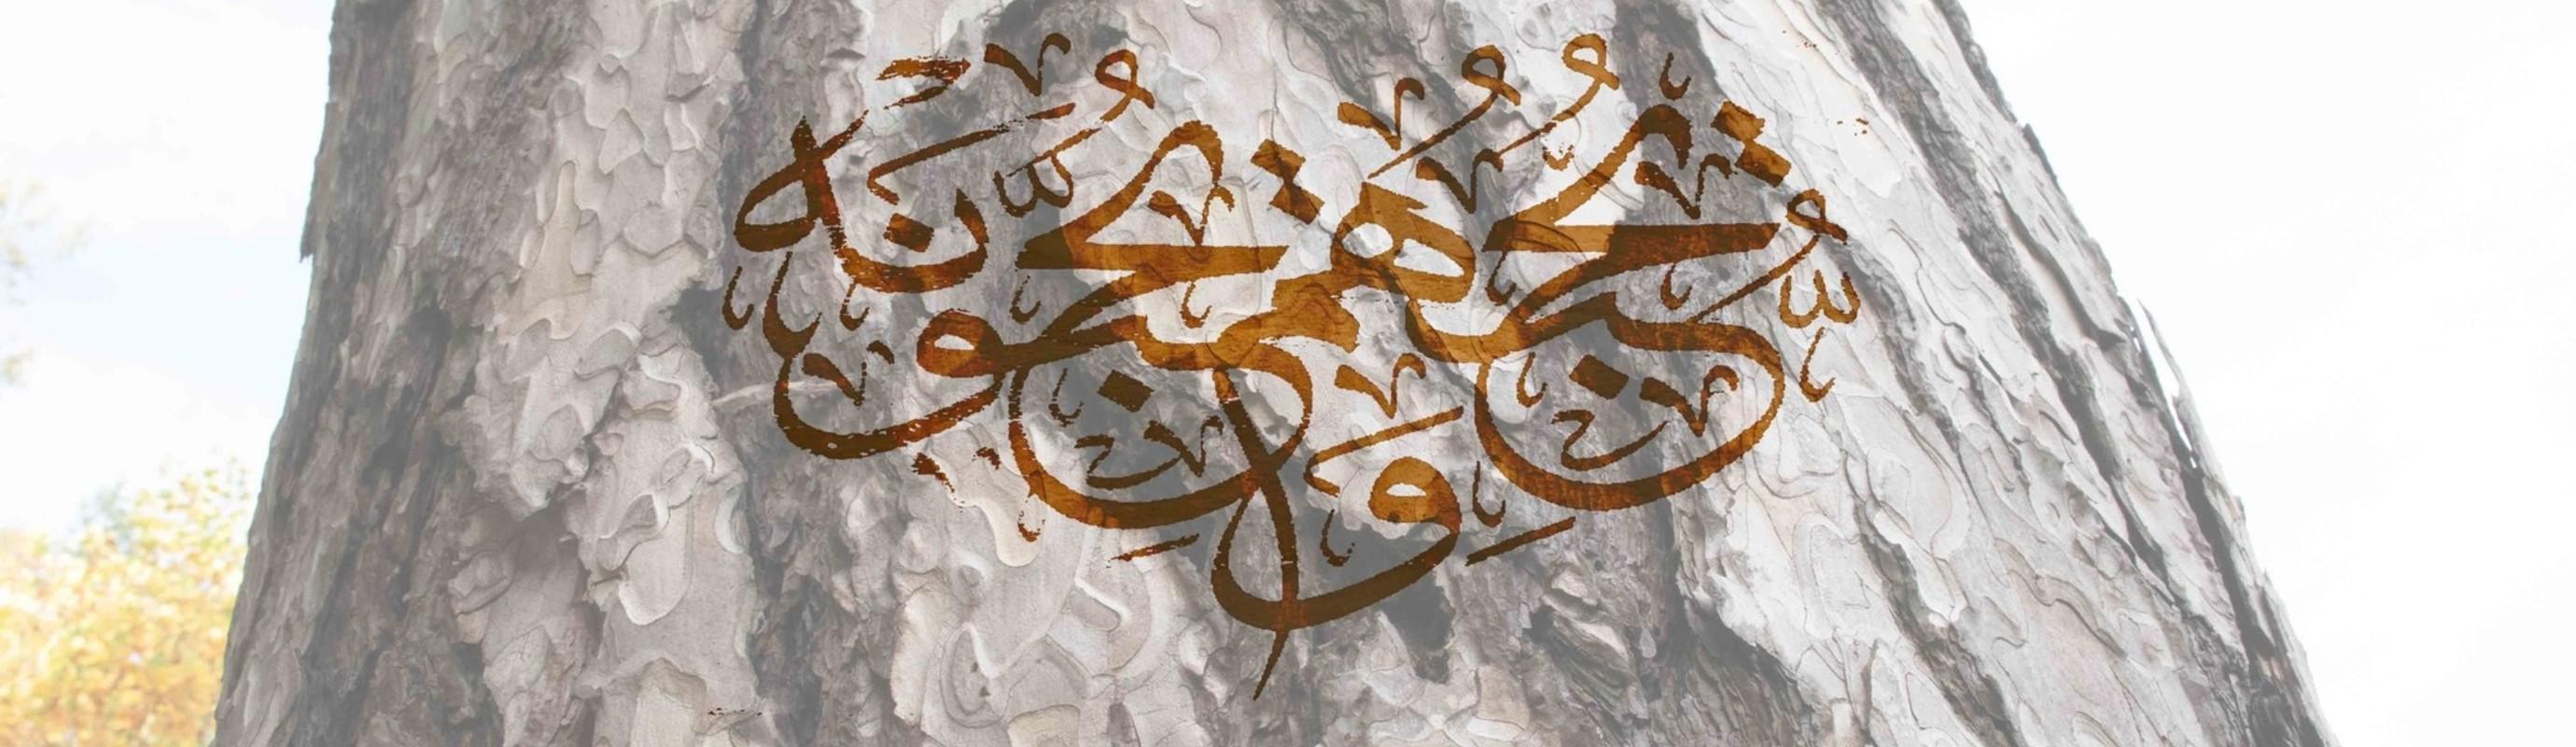 Kalligrafische kunst op hout Al Maidah vers 54.